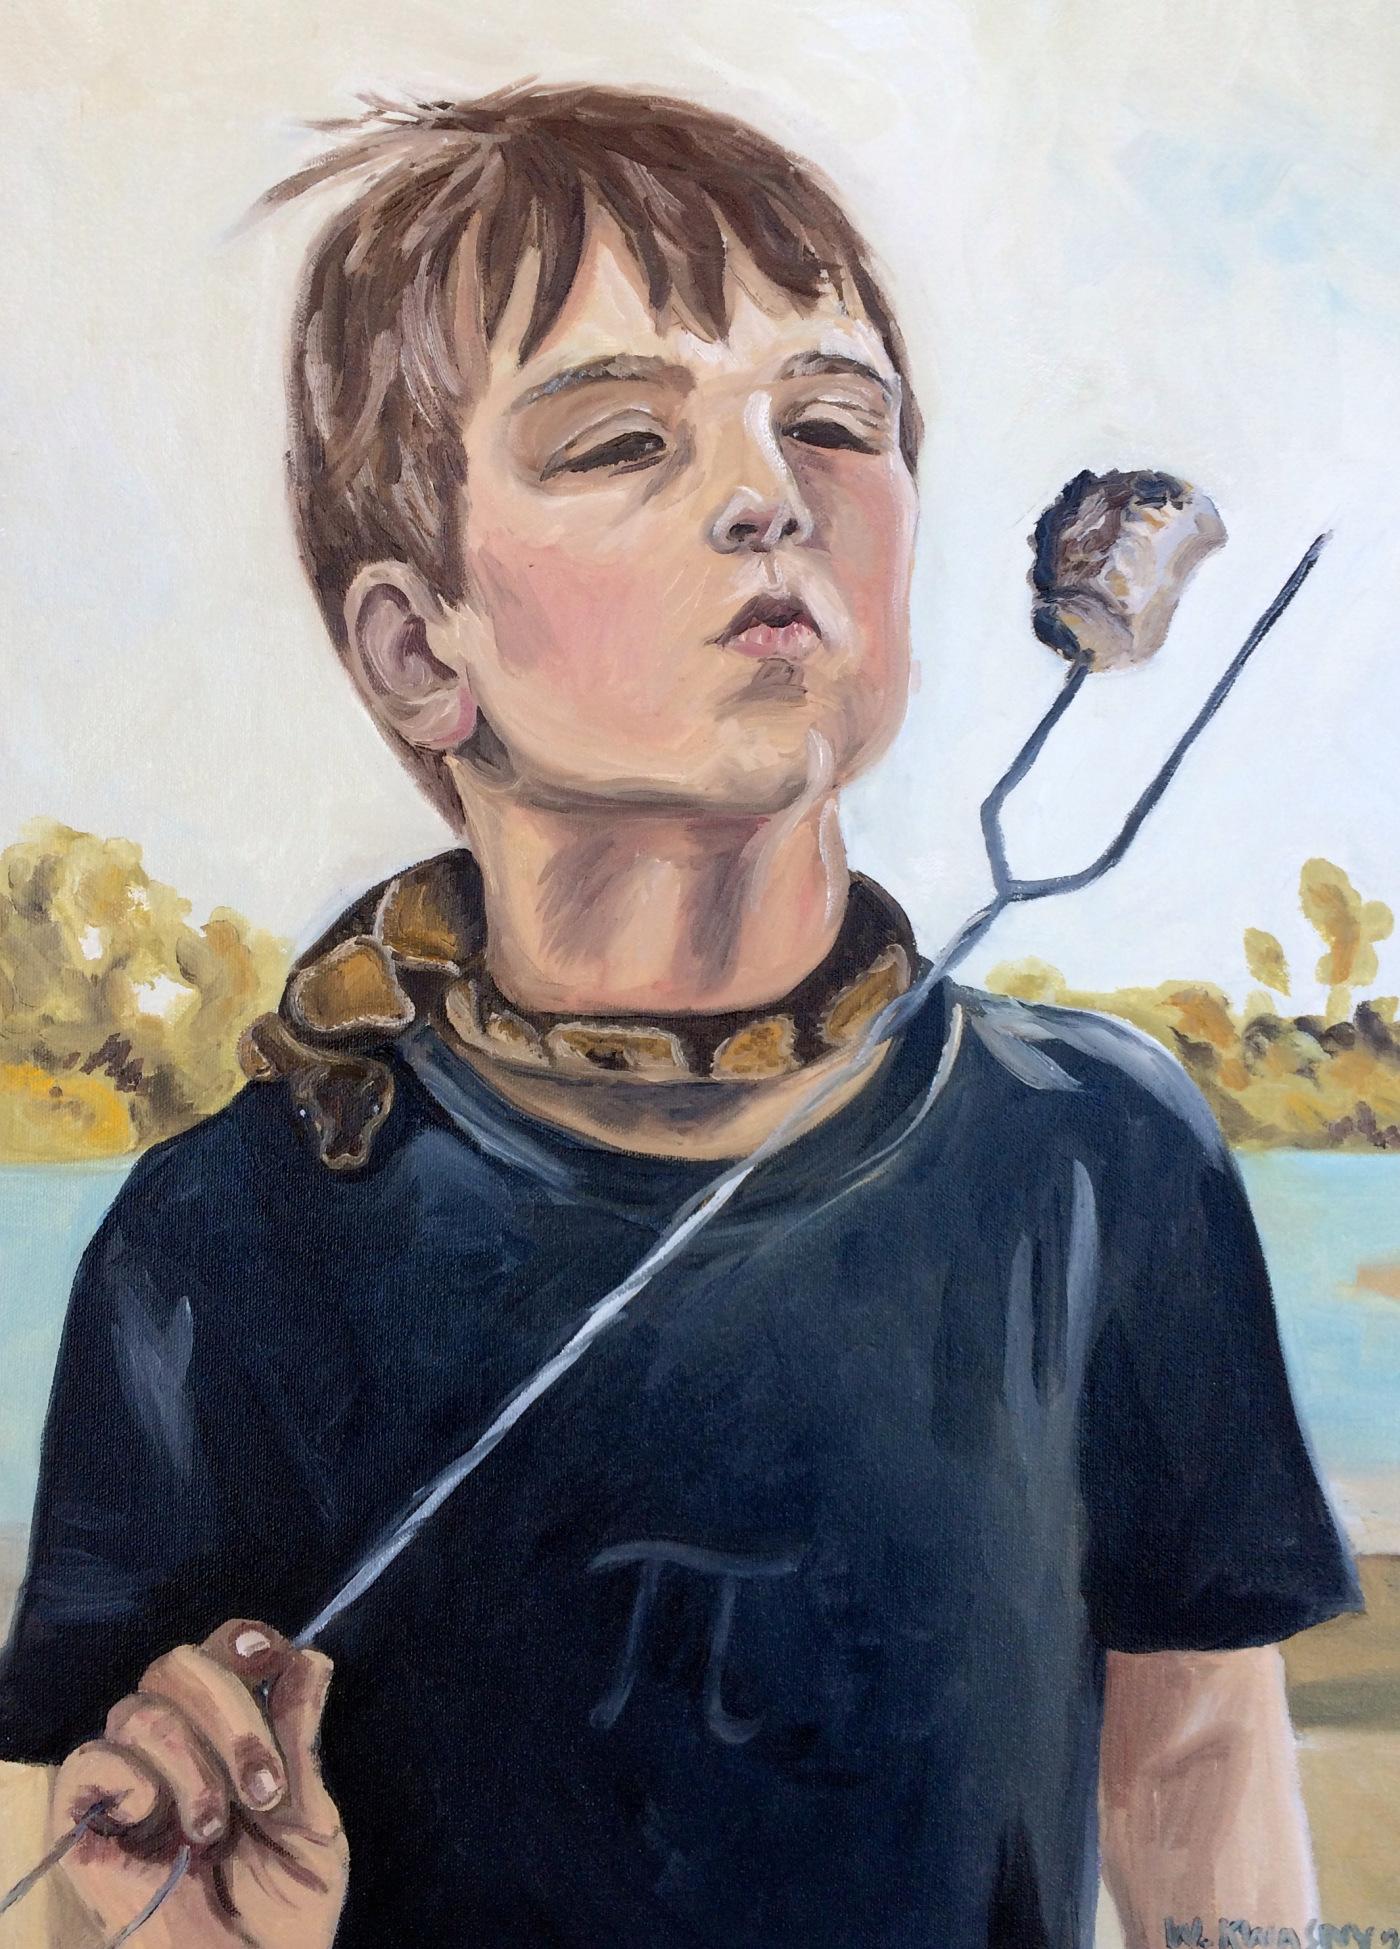 snake-wendykwasny.jpg